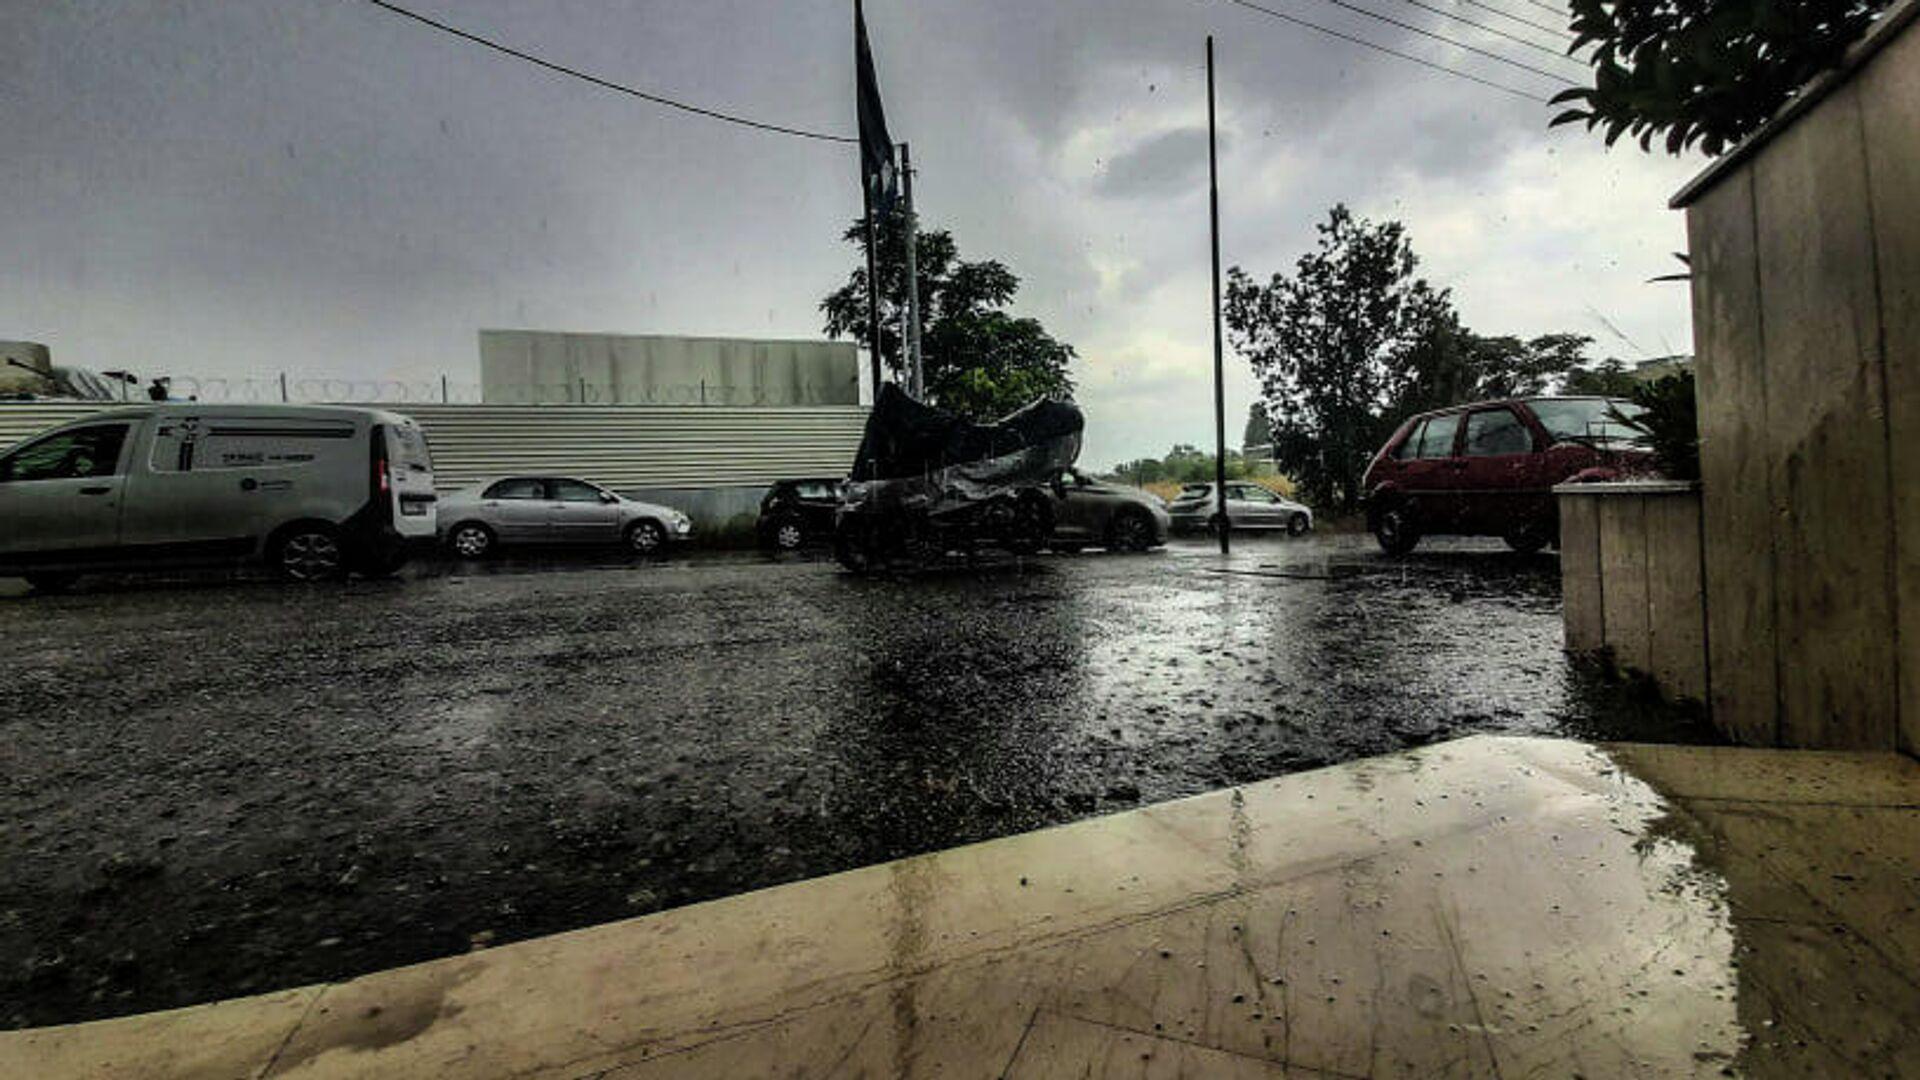 Βροχή στο κέντρο της Αθήνας - Sputnik Ελλάδα, 1920, 13.10.2021